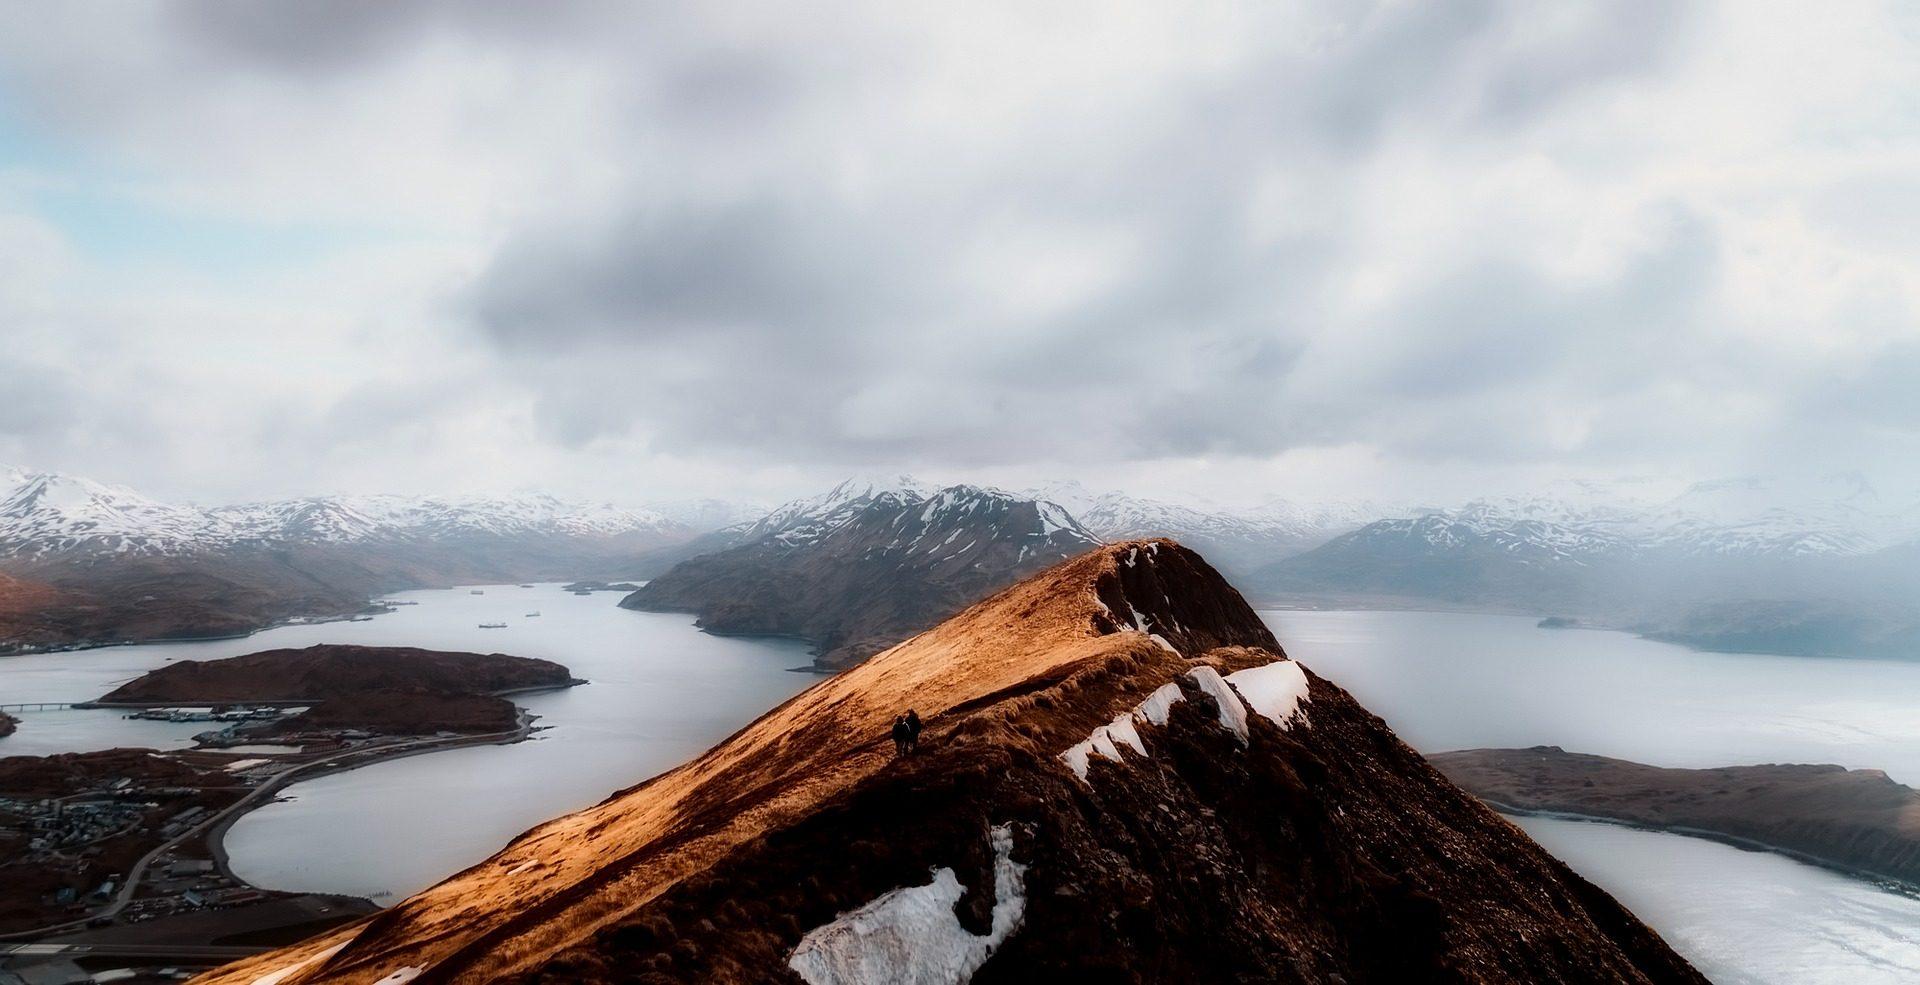 Montañas, Retour au début, Pizza, horizon, hauteur, chute de neige, neige - Fonds d'écran HD - Professor-falken.com